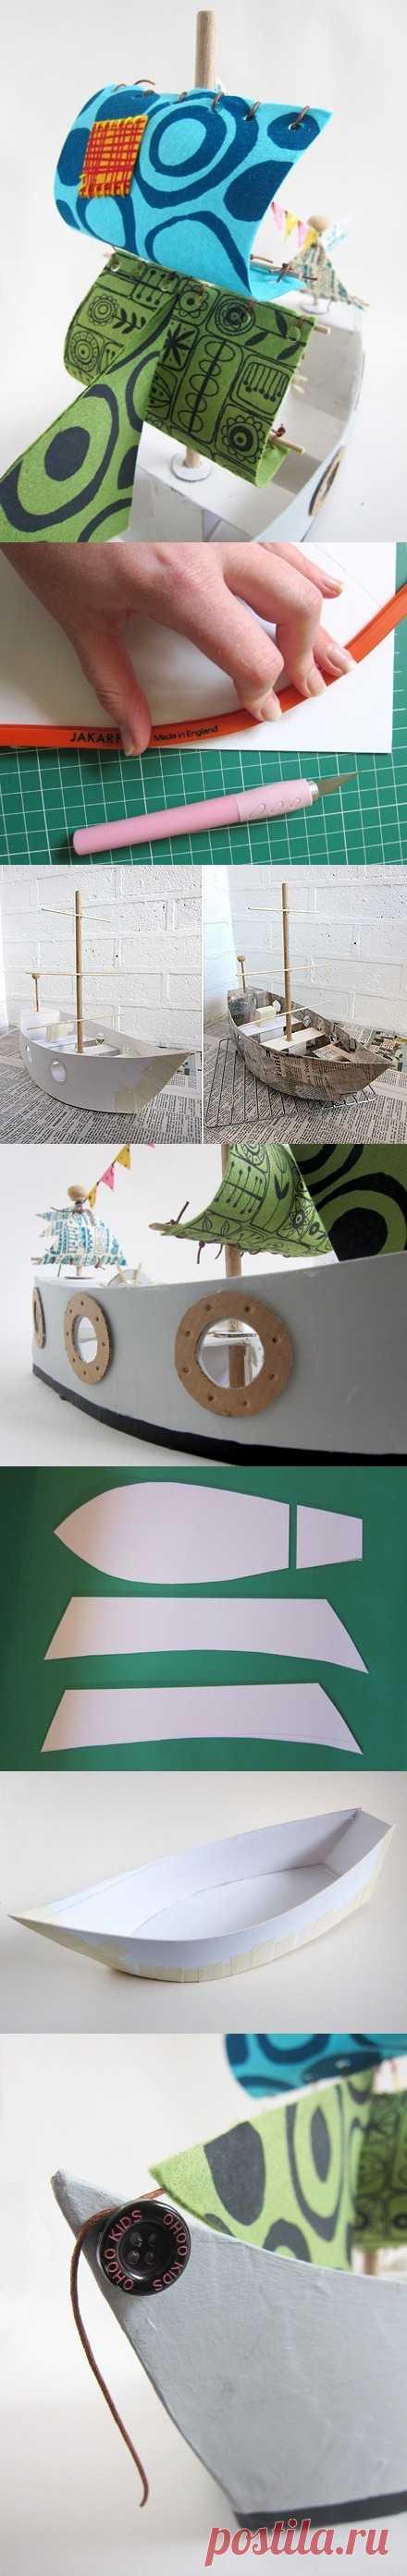 Как сделать кораблик!